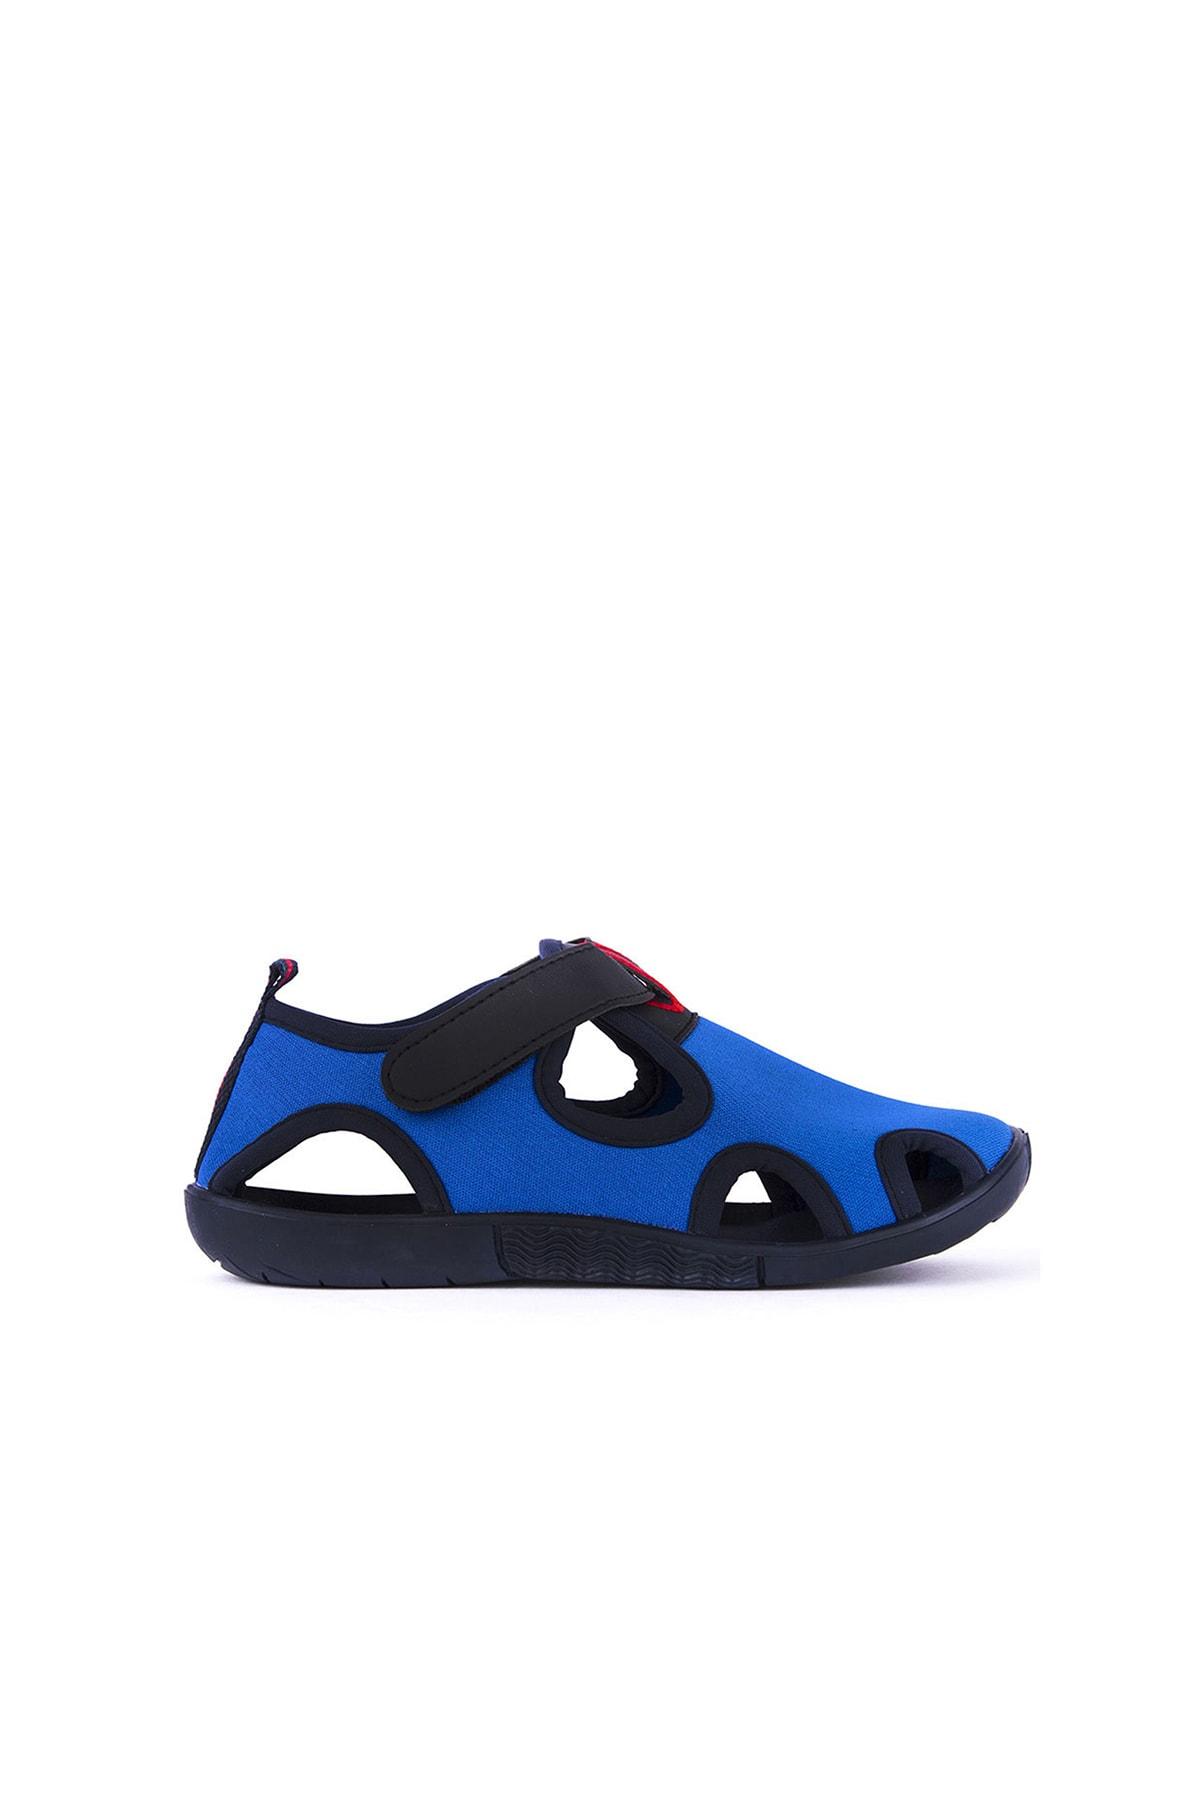 Unnı Çocuk Sandalet Saks Mavi Sa11lf085